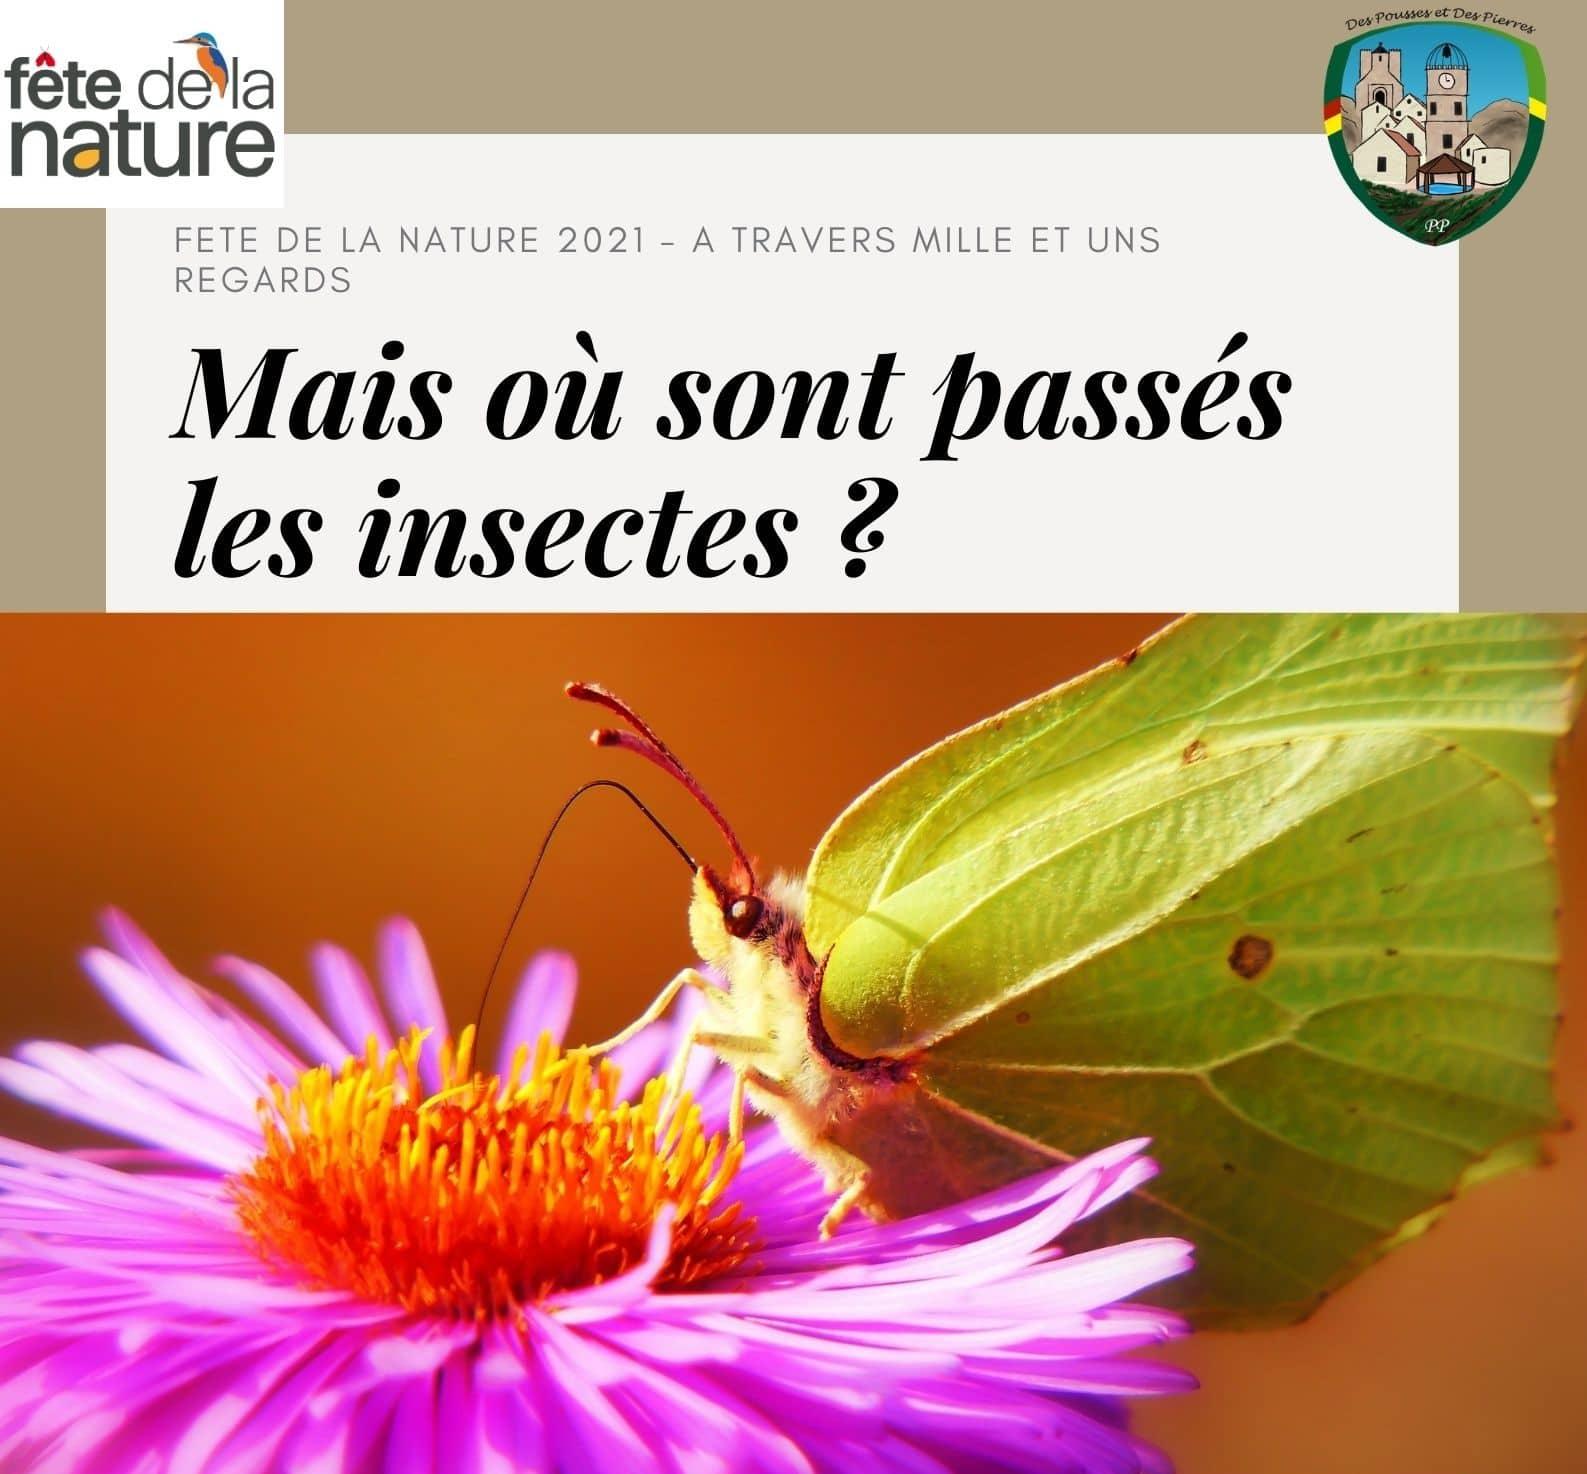 FETE DE LA NATURE 2021 - A travers mille et un regards : Mais où sont passés les insectes ?